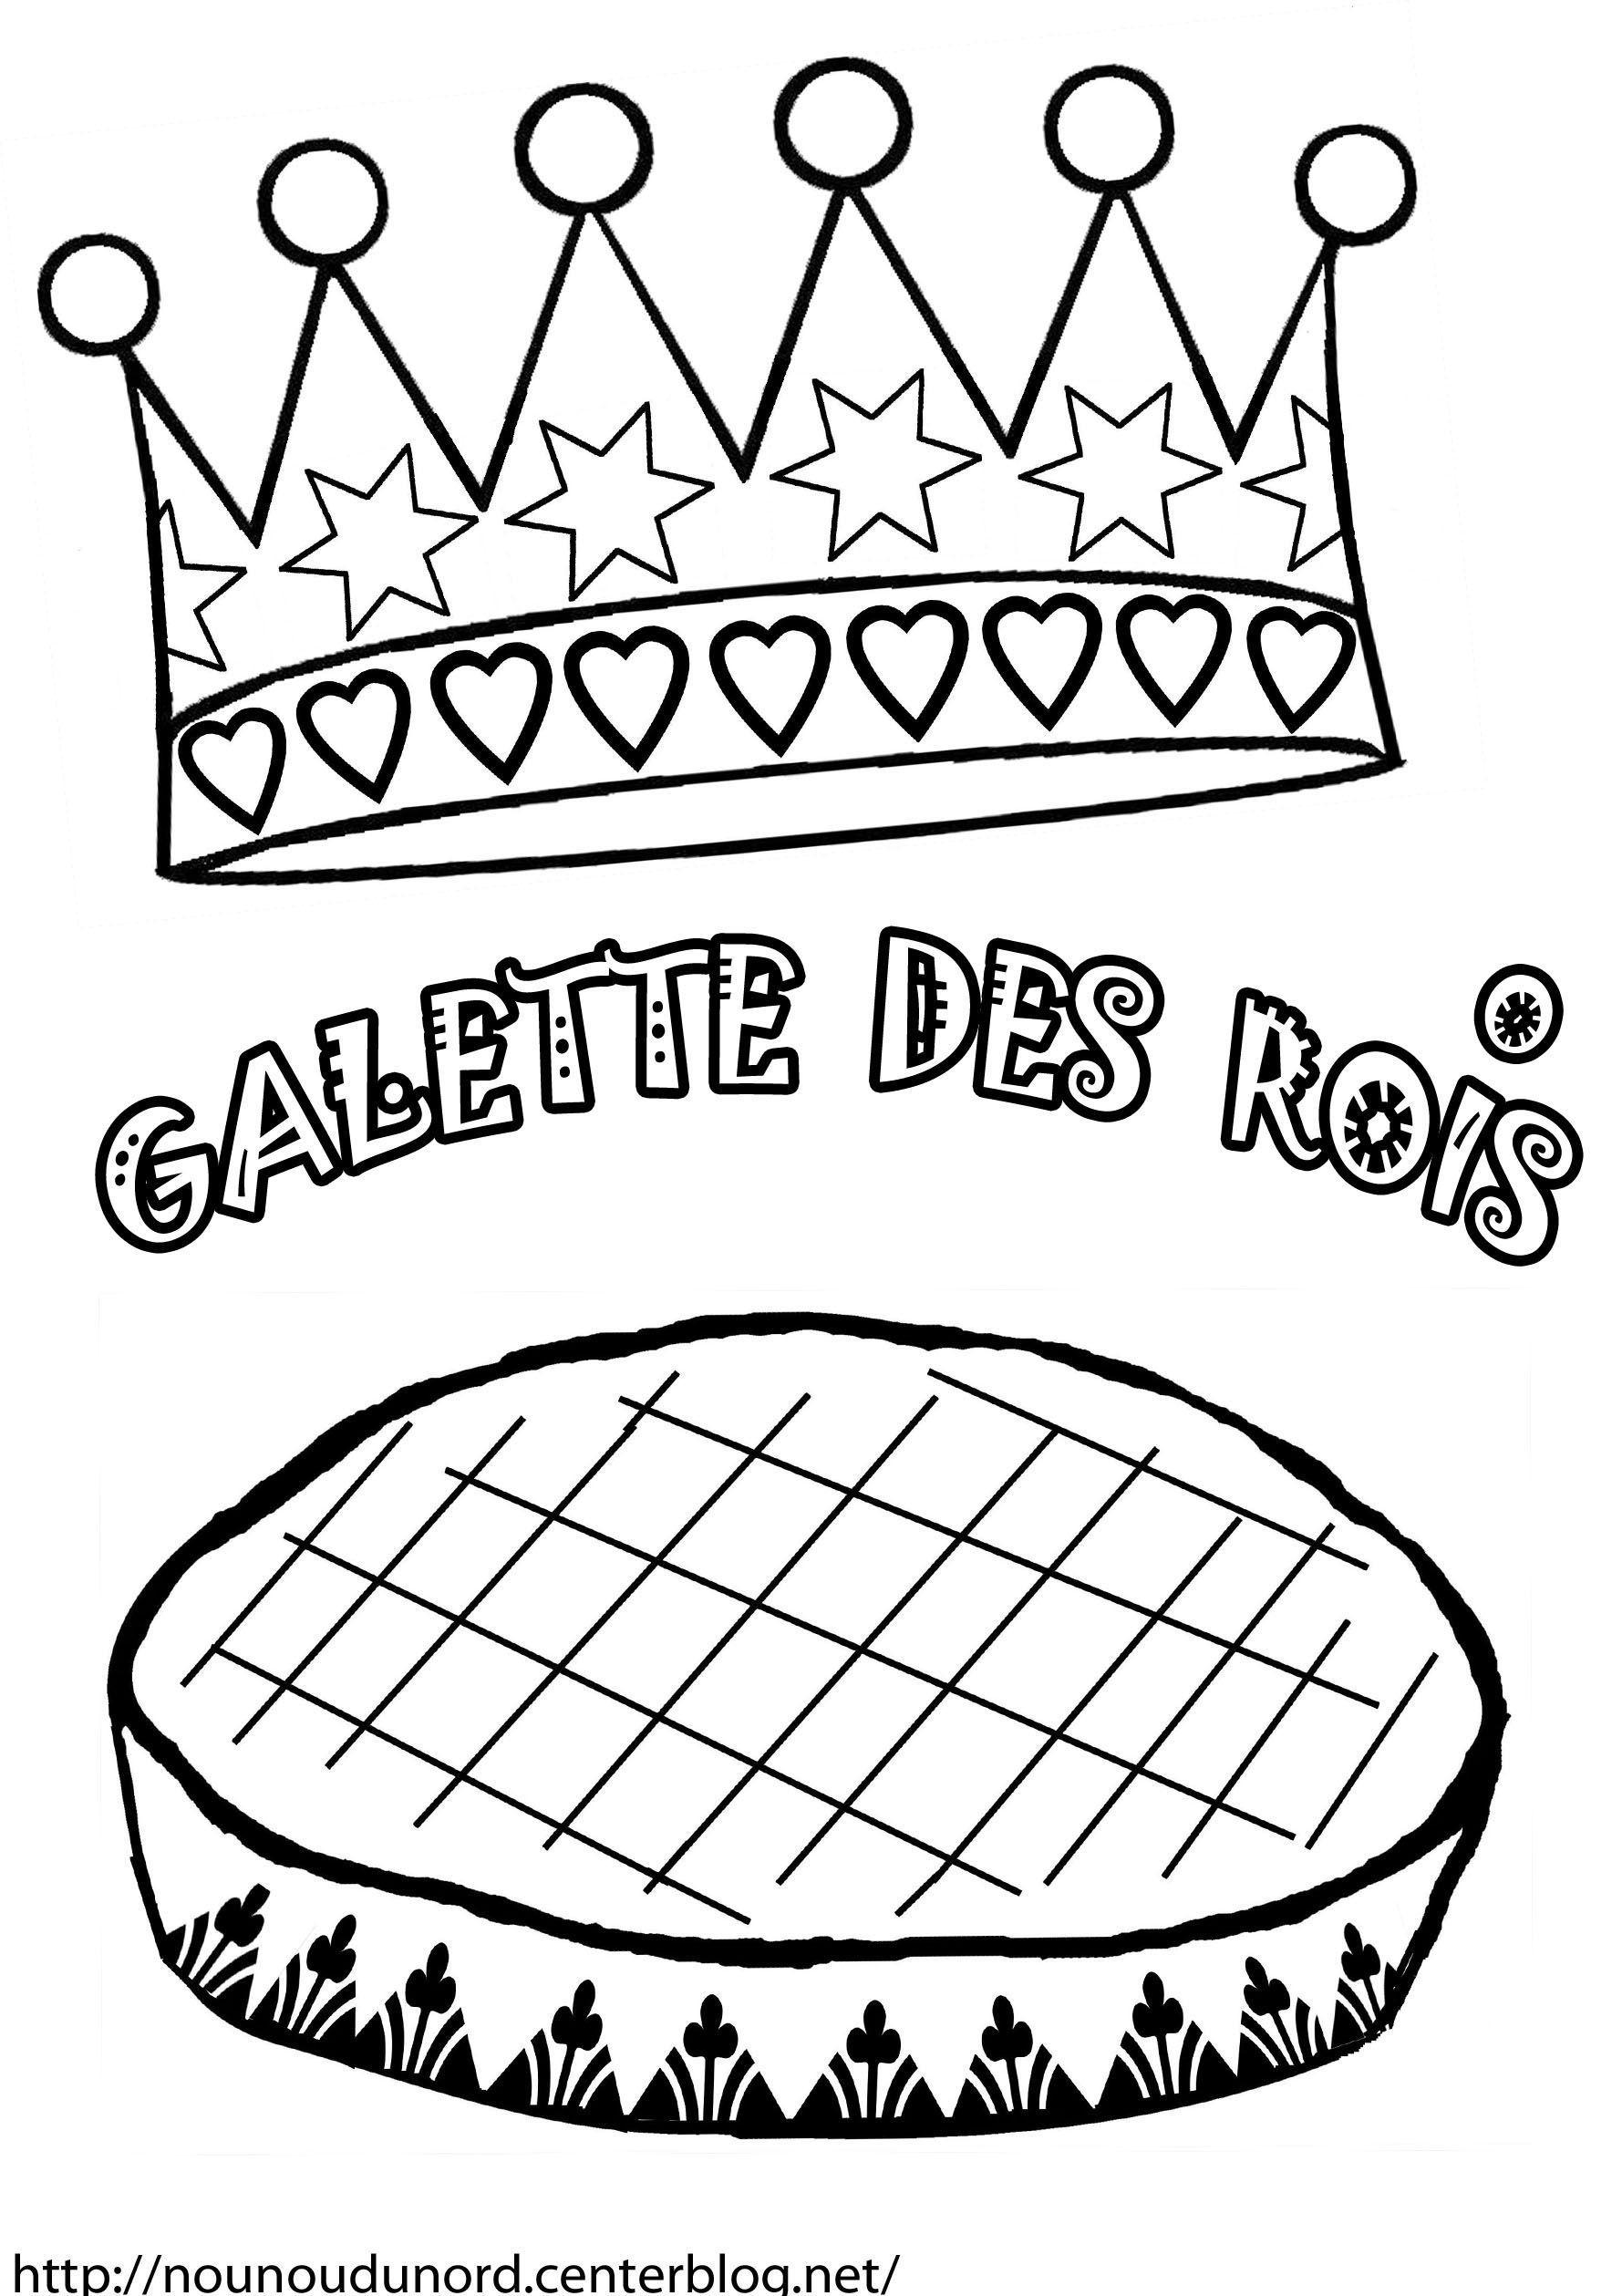 Coloriages à imprimer : Galette des Rois, numéro : 1a27a210